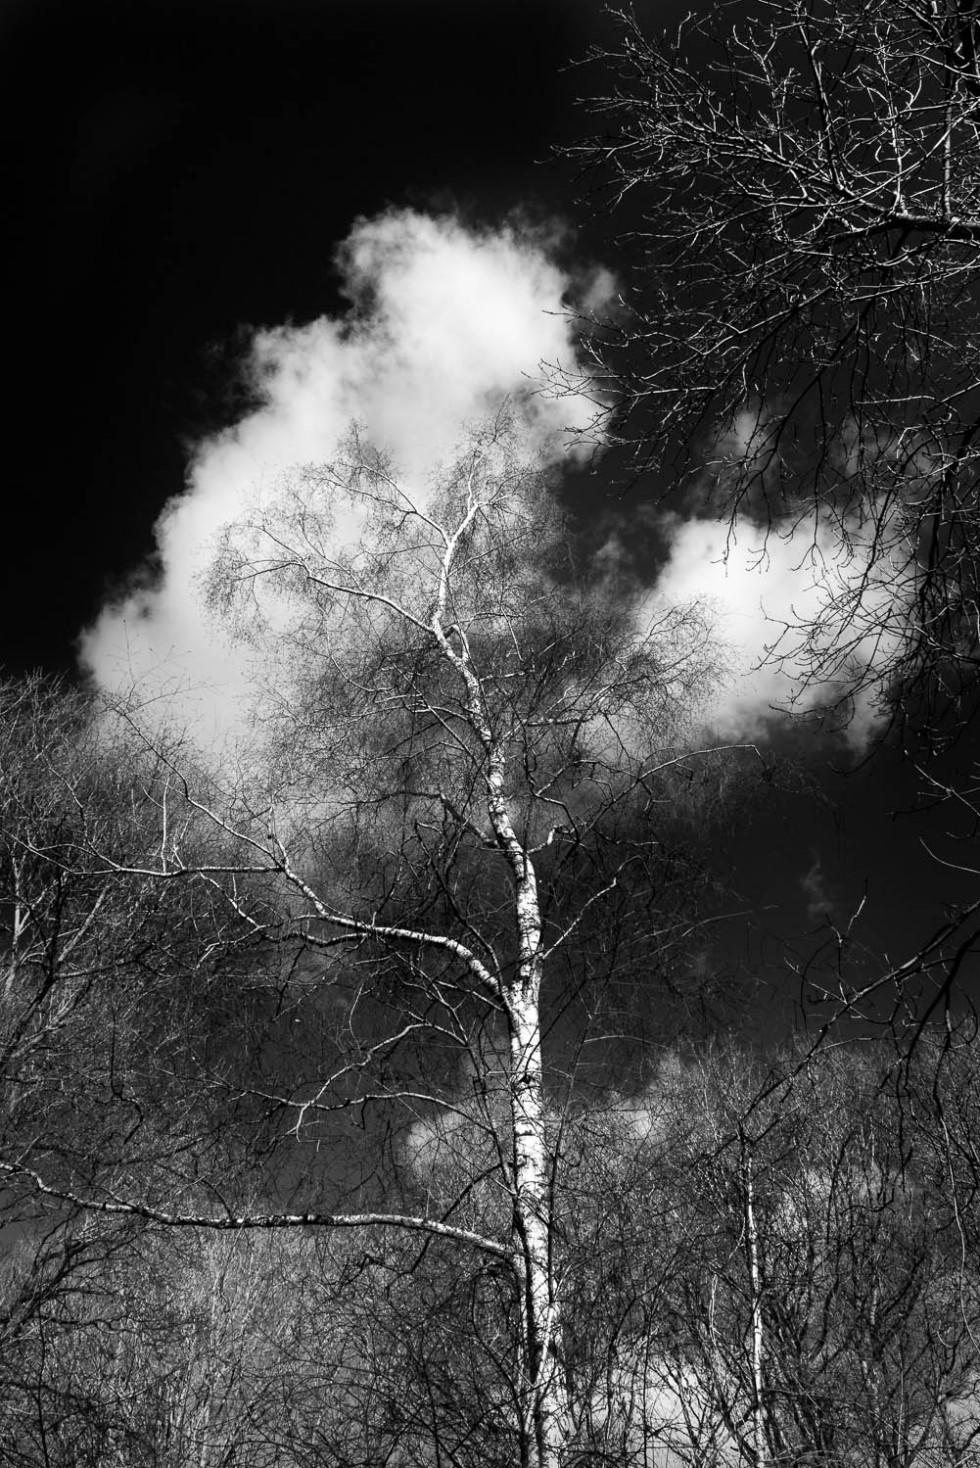 047/365v2 The Silver Birch